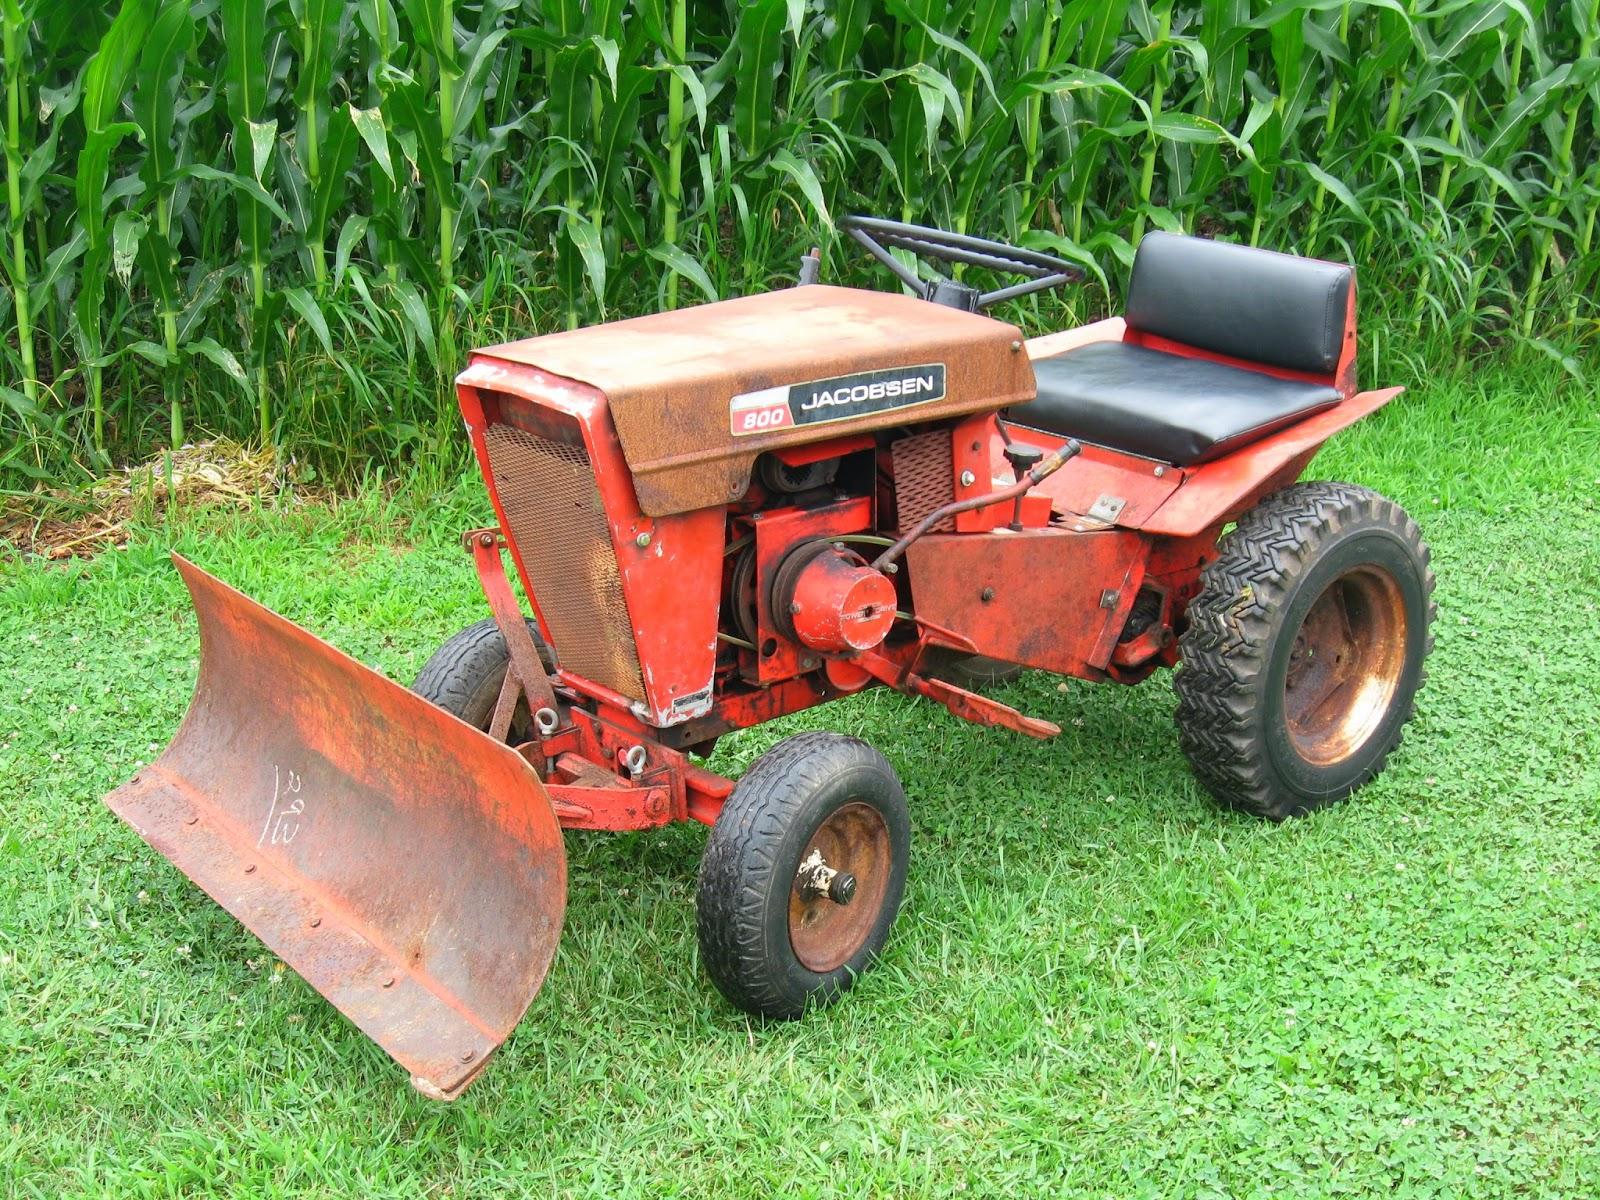 jacobsen tractor